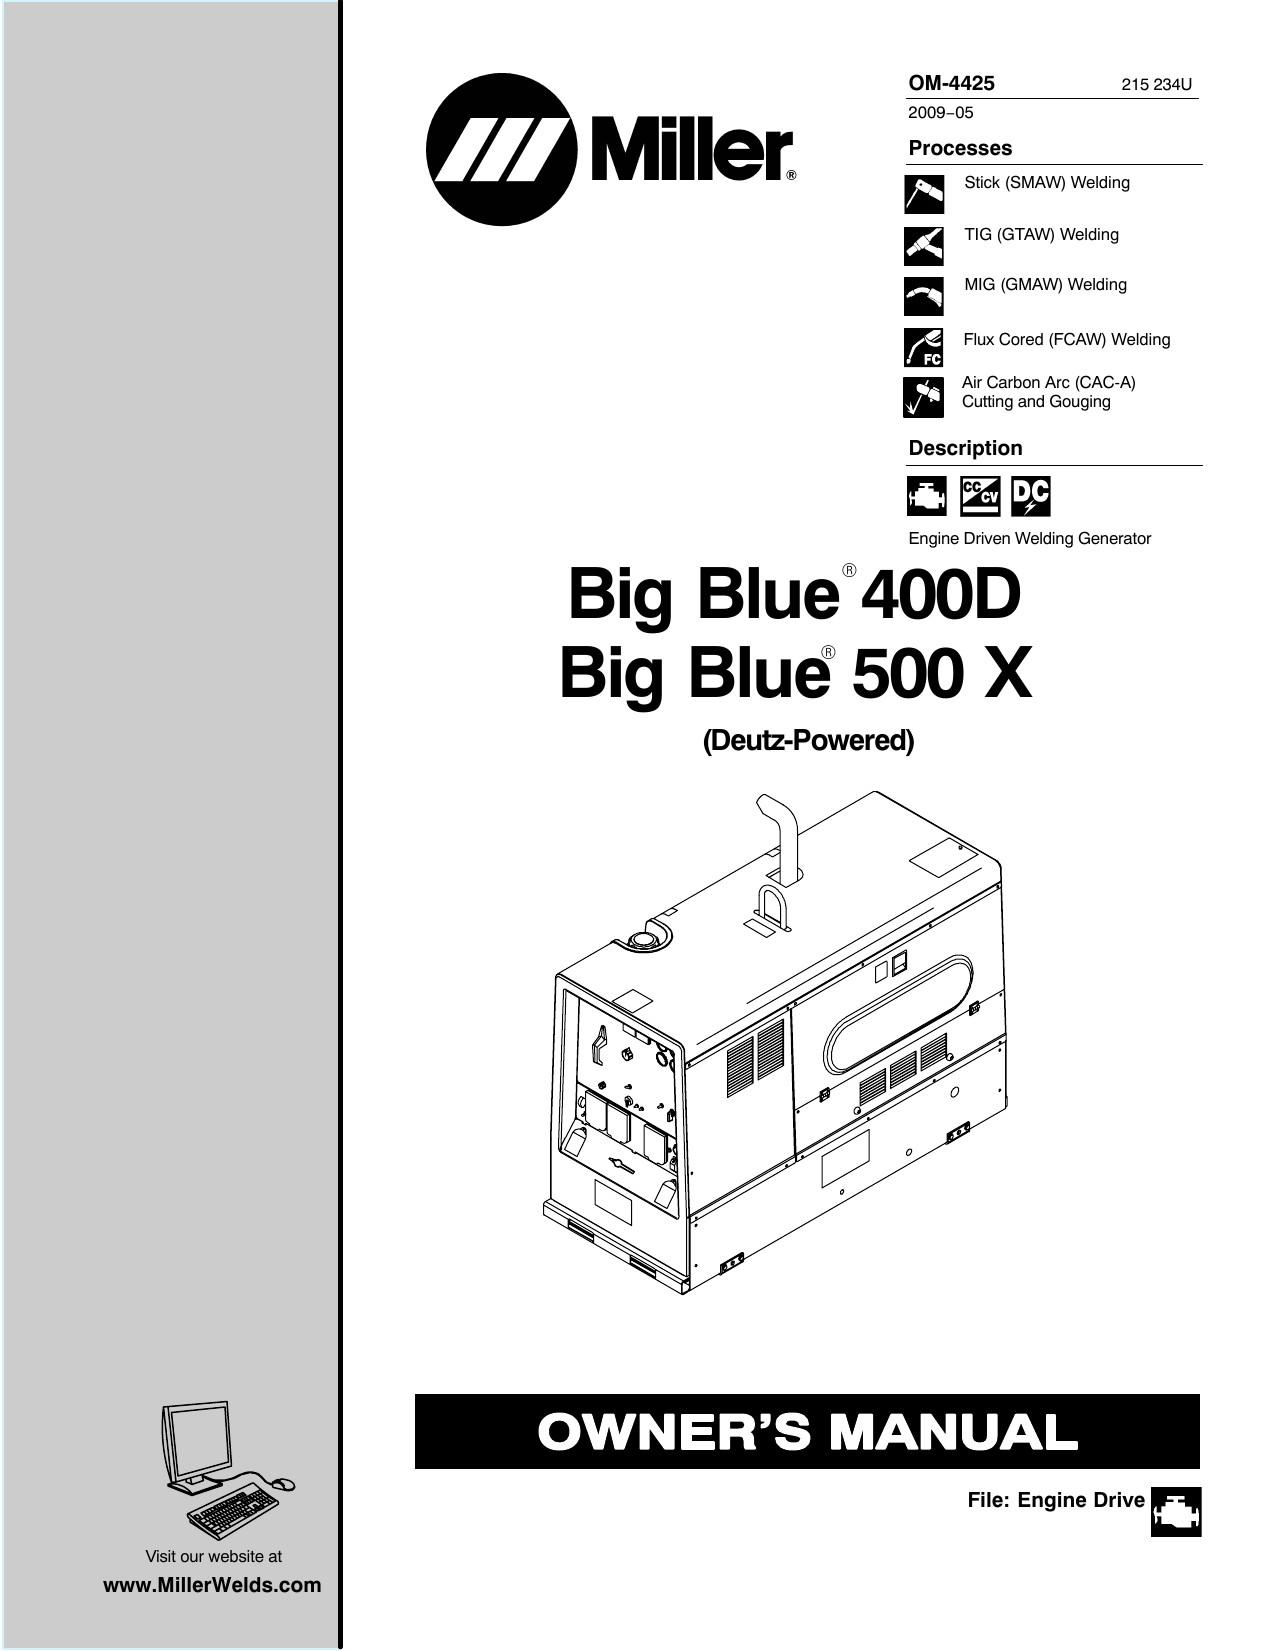 Big Blue 400D Big Blue 500 X